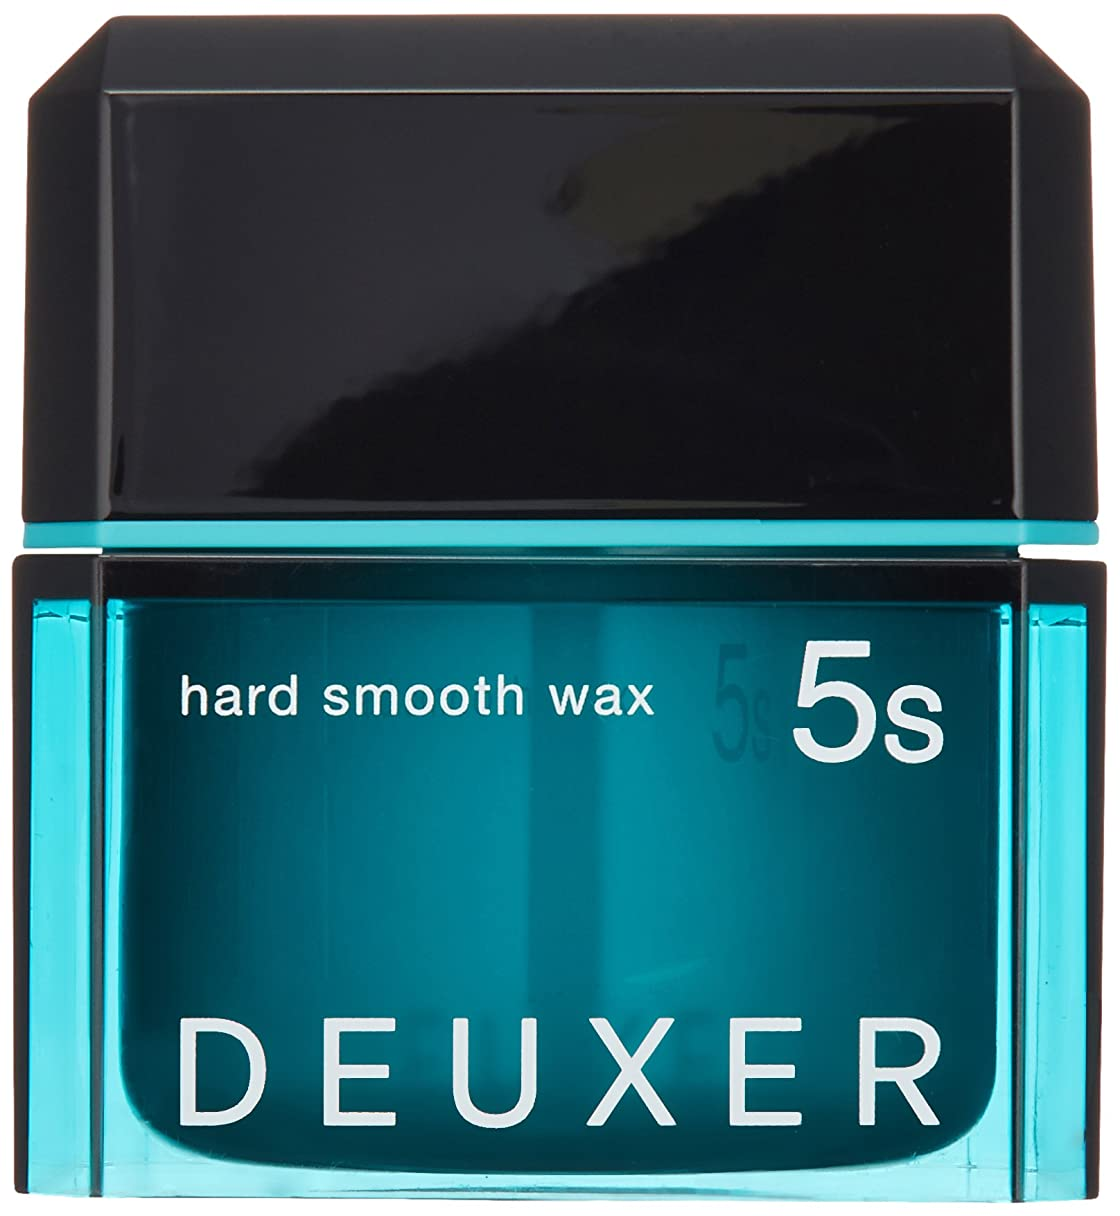 のれん無駄な価値のないナンバースリー DEUXER(デューサー) ハードスムースワックス 5S 80g